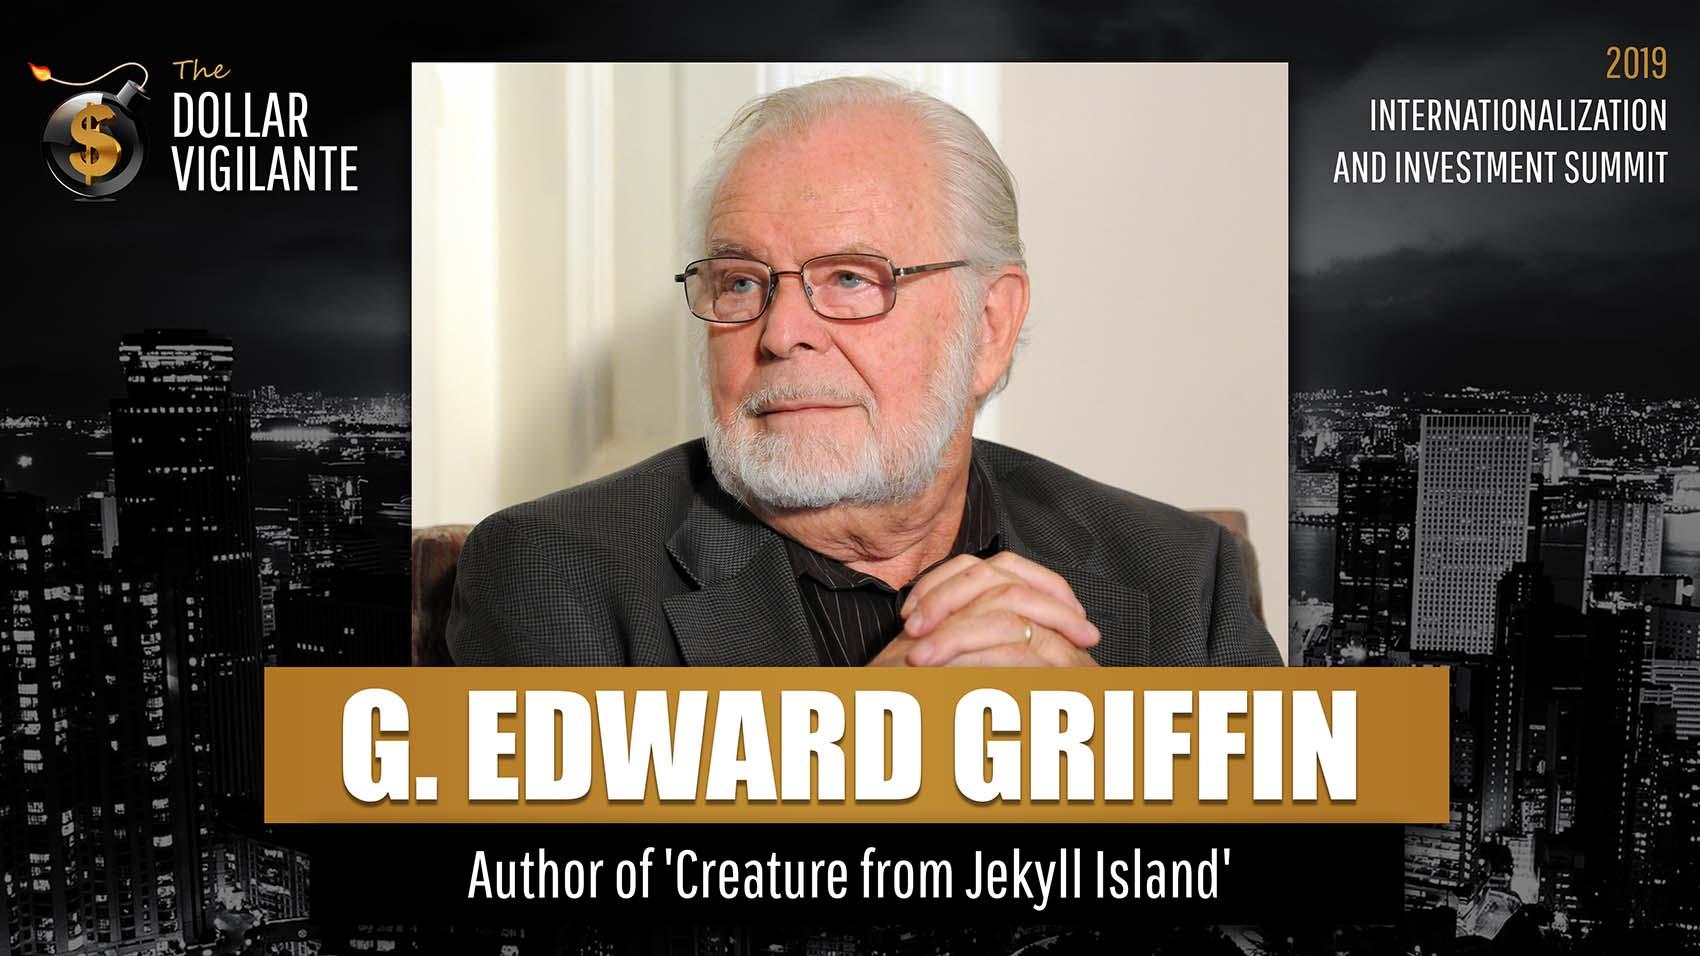 G edward griffin 1700